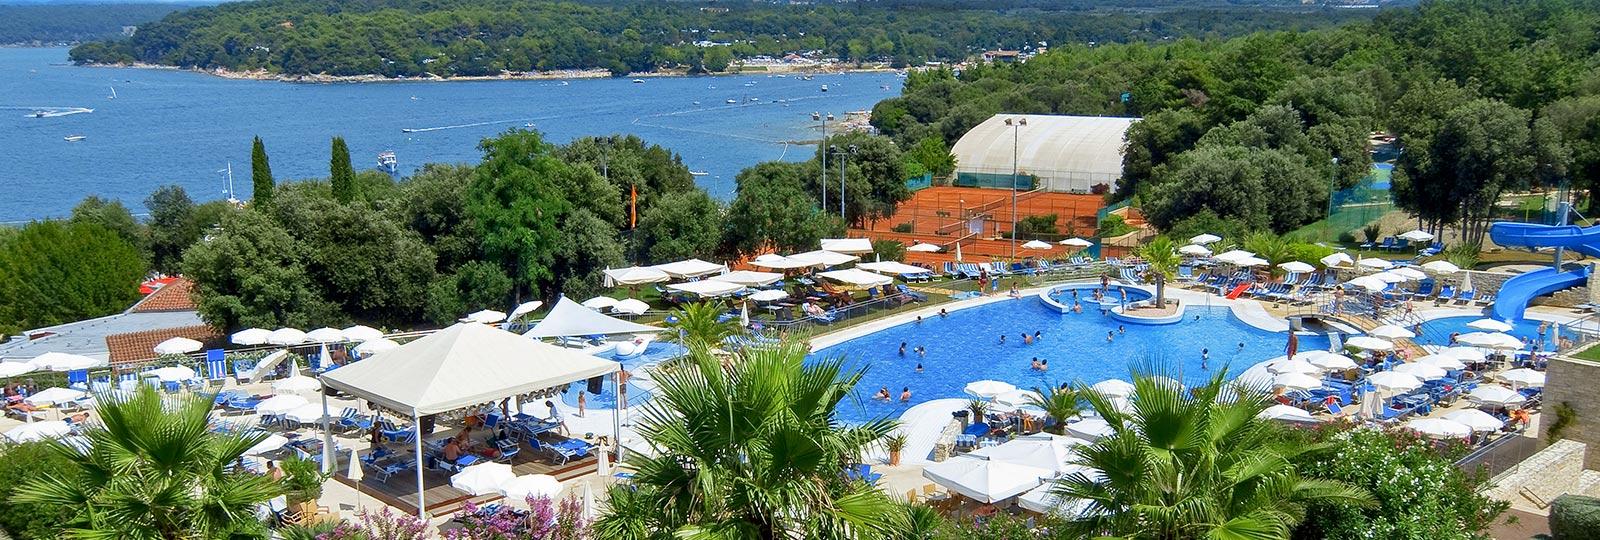 Solaris Hotel Resort